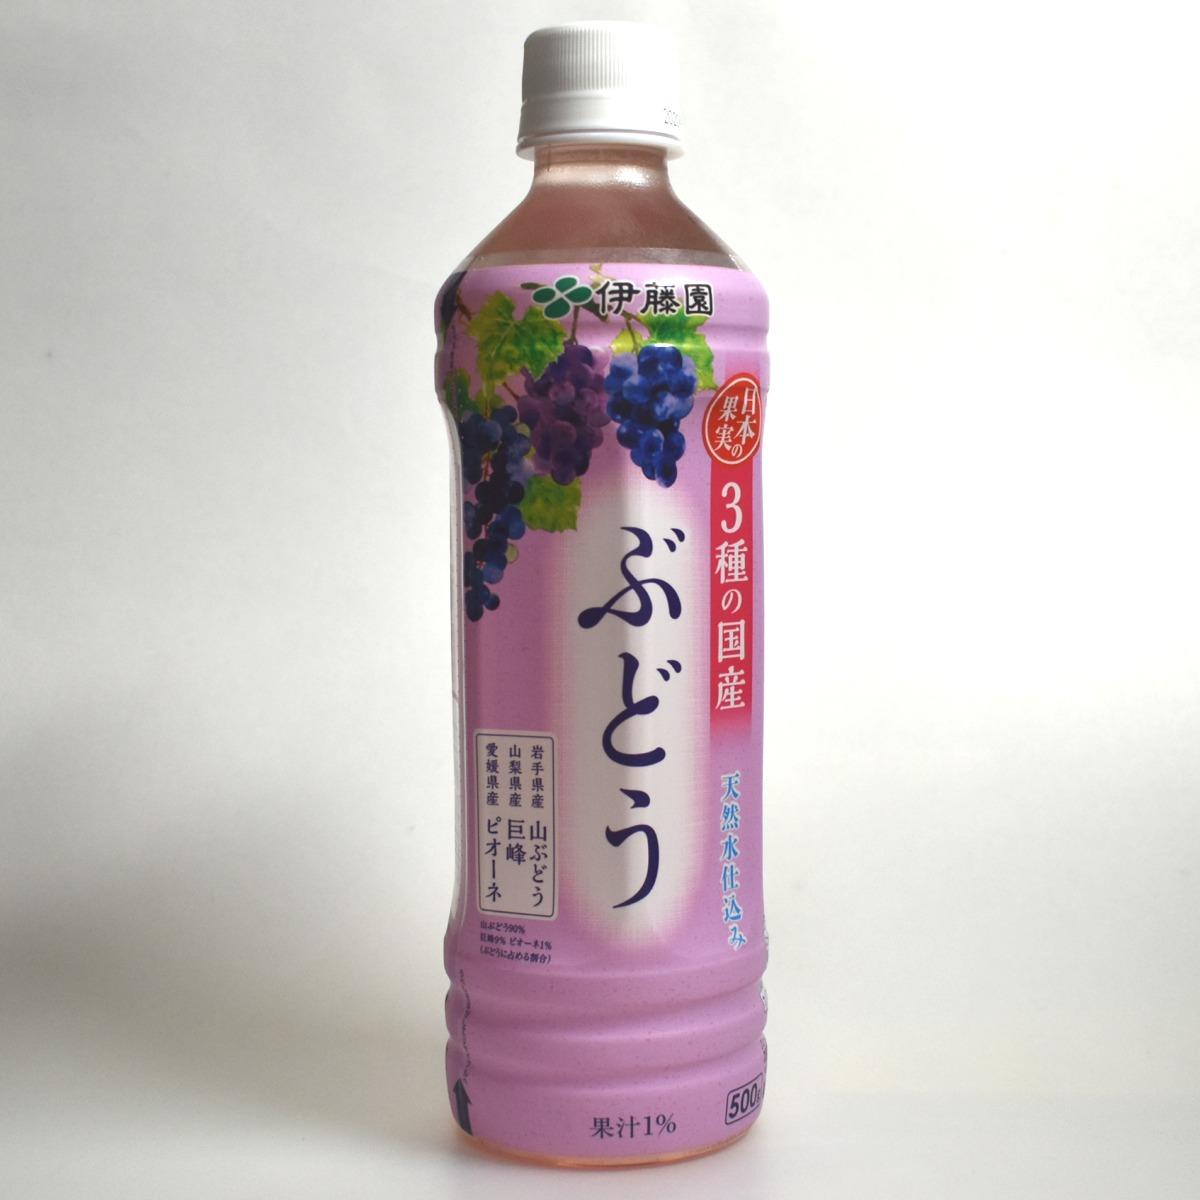 伊藤園 日本の果実 3種の国産ぶどう